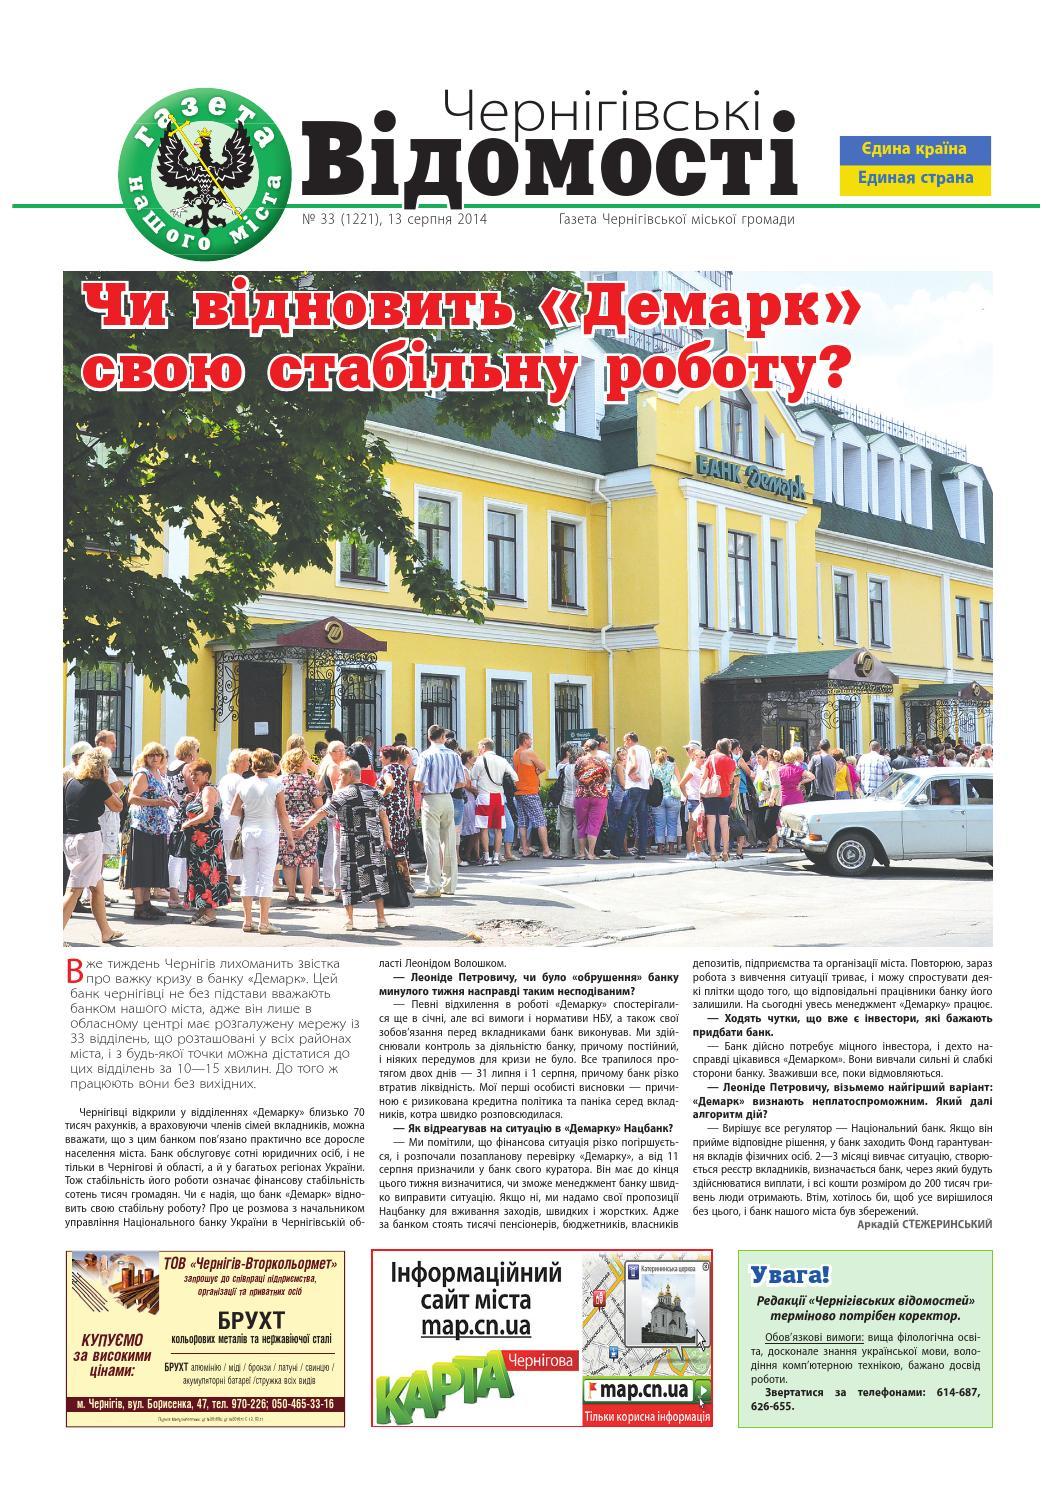 Чернігівські відомості (газета нашого міста) №33 by Alex PAN - issuu 529363e59c312